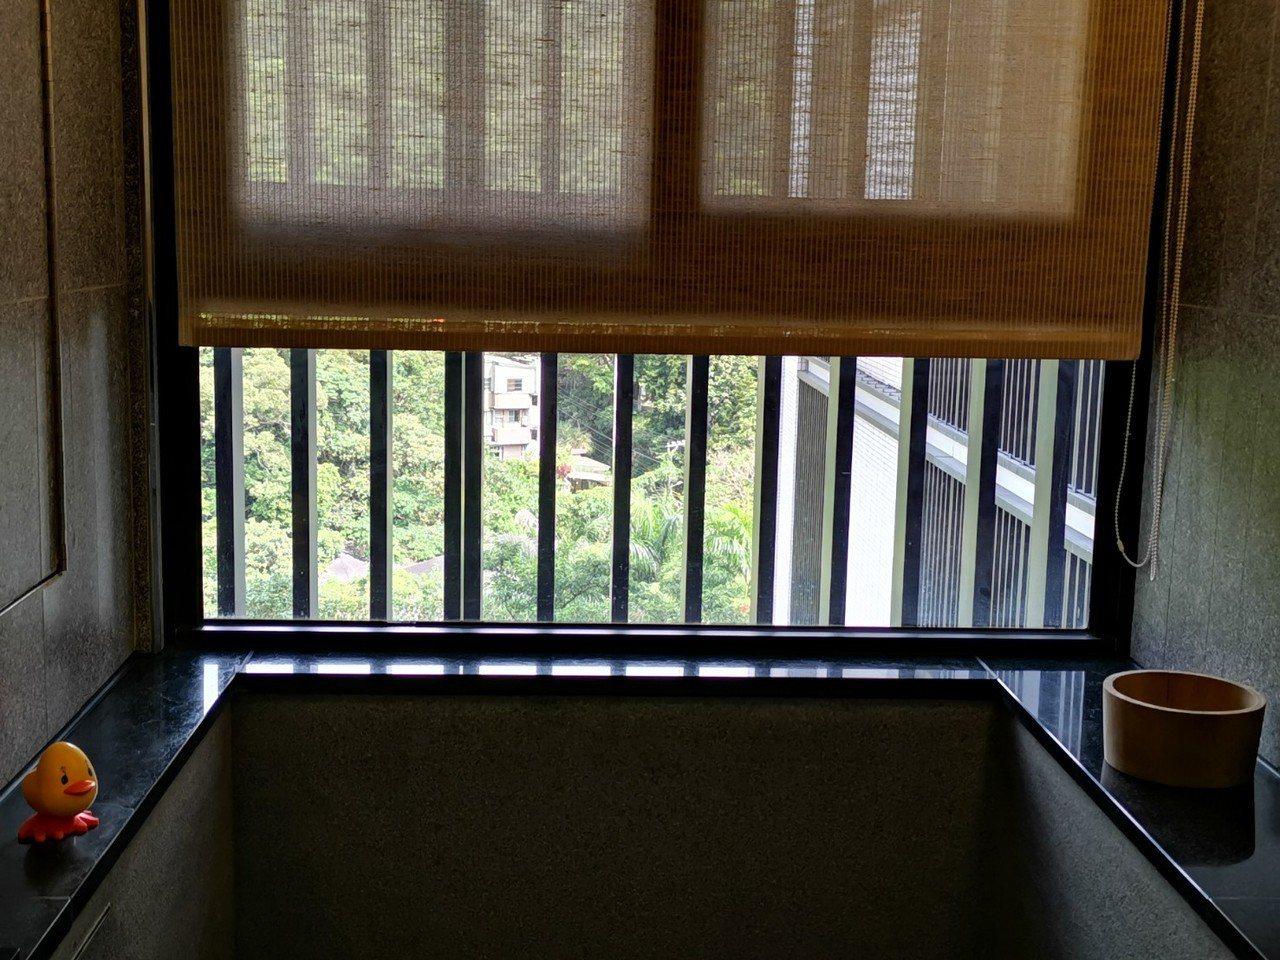 北投亞太飯店的豪華雙人套房,設有濃濃和風味的溫泉,窗外看出去就是山景,彷彿倘佯在...